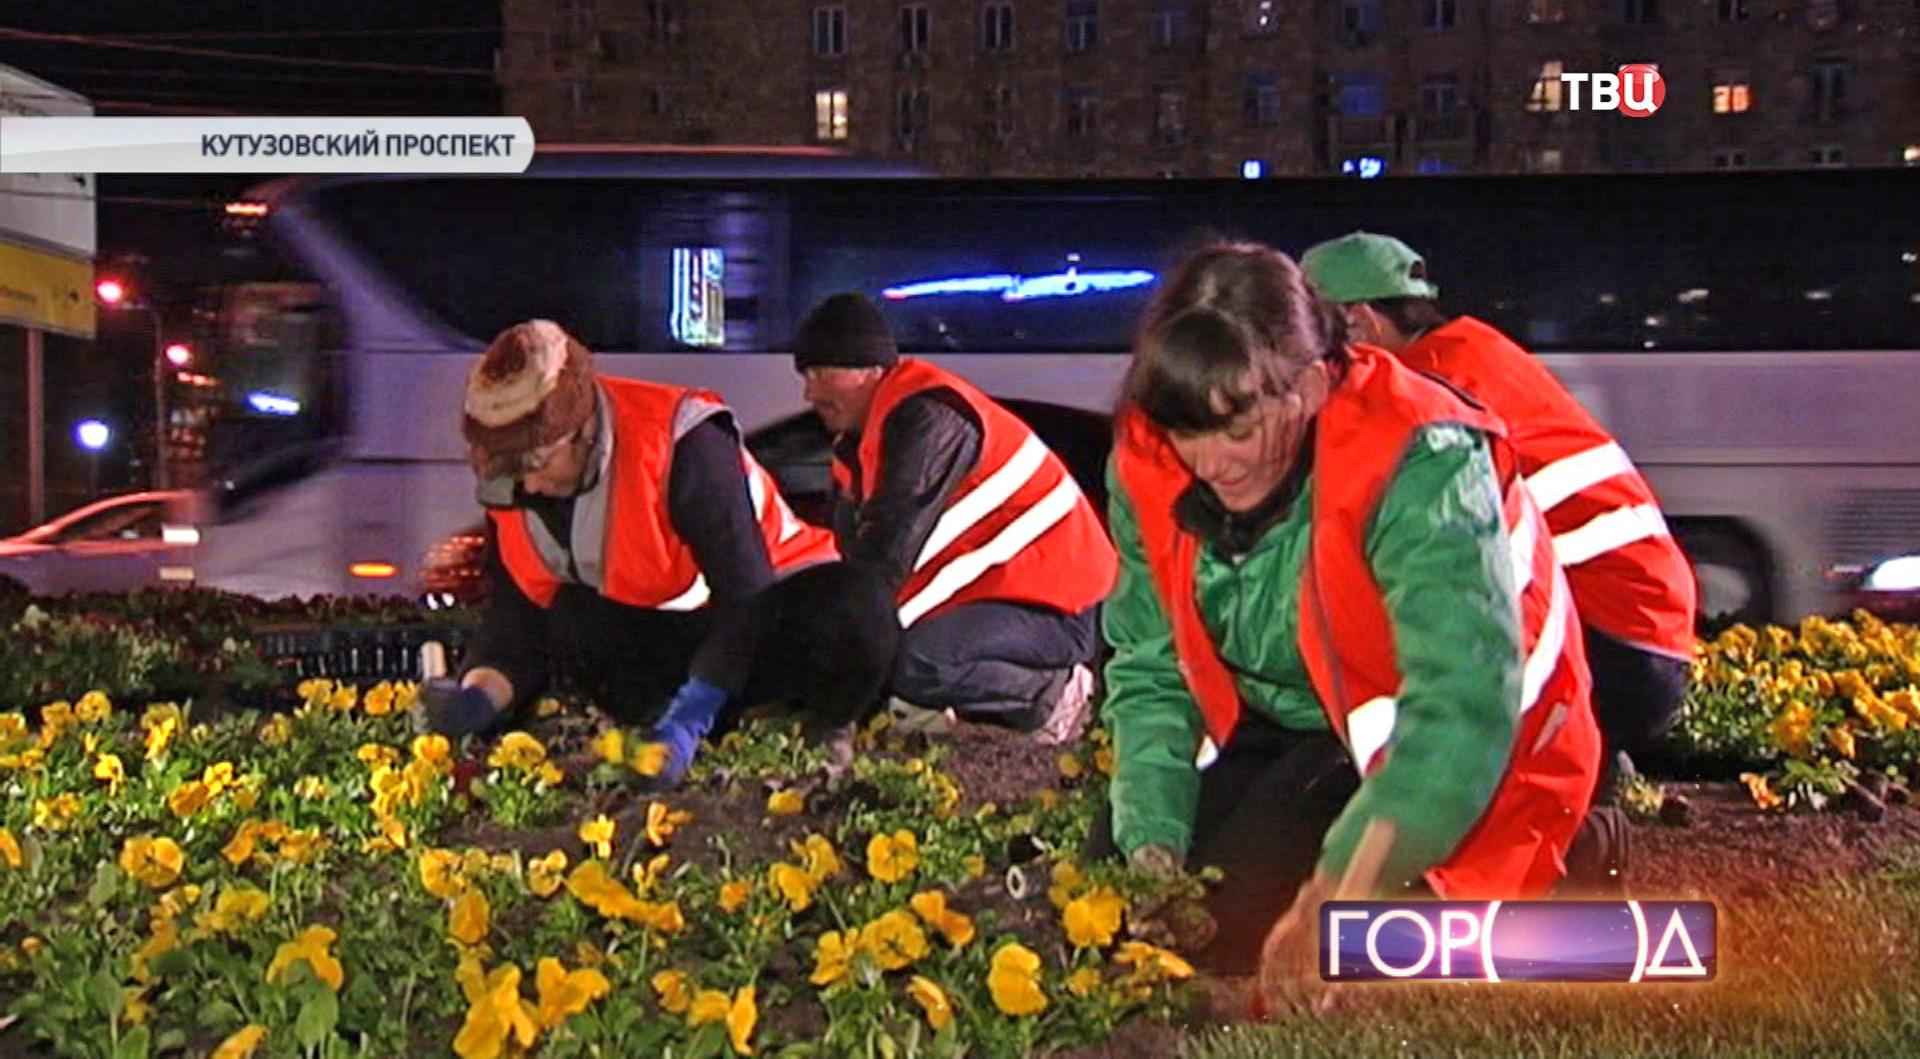 Посадка цветов на Кутузовском проспекте